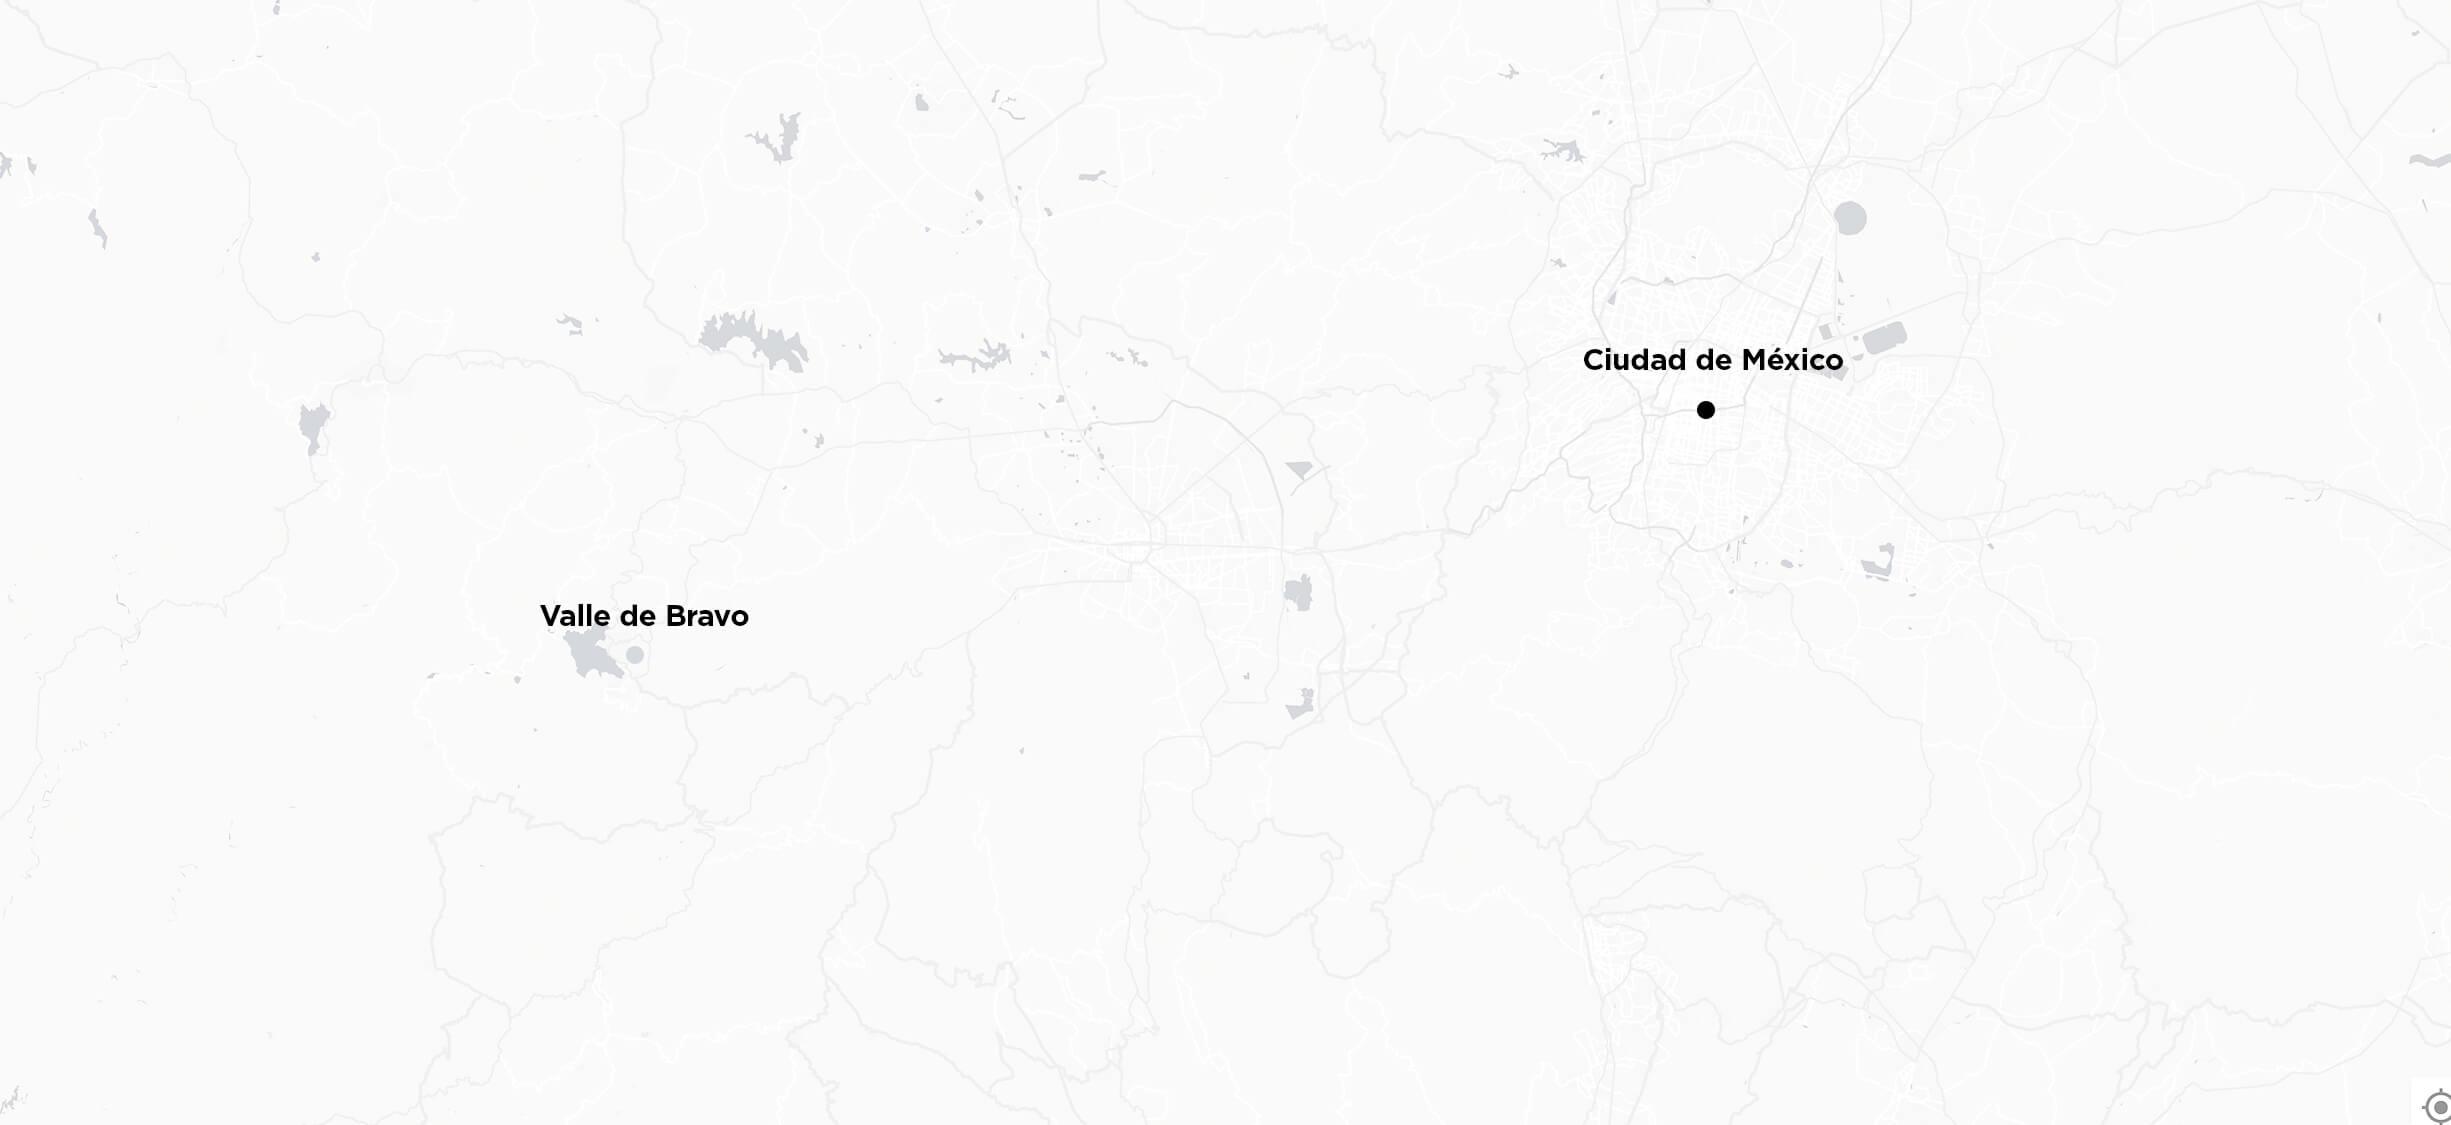 De Ciudad de México a Valle de Bravo